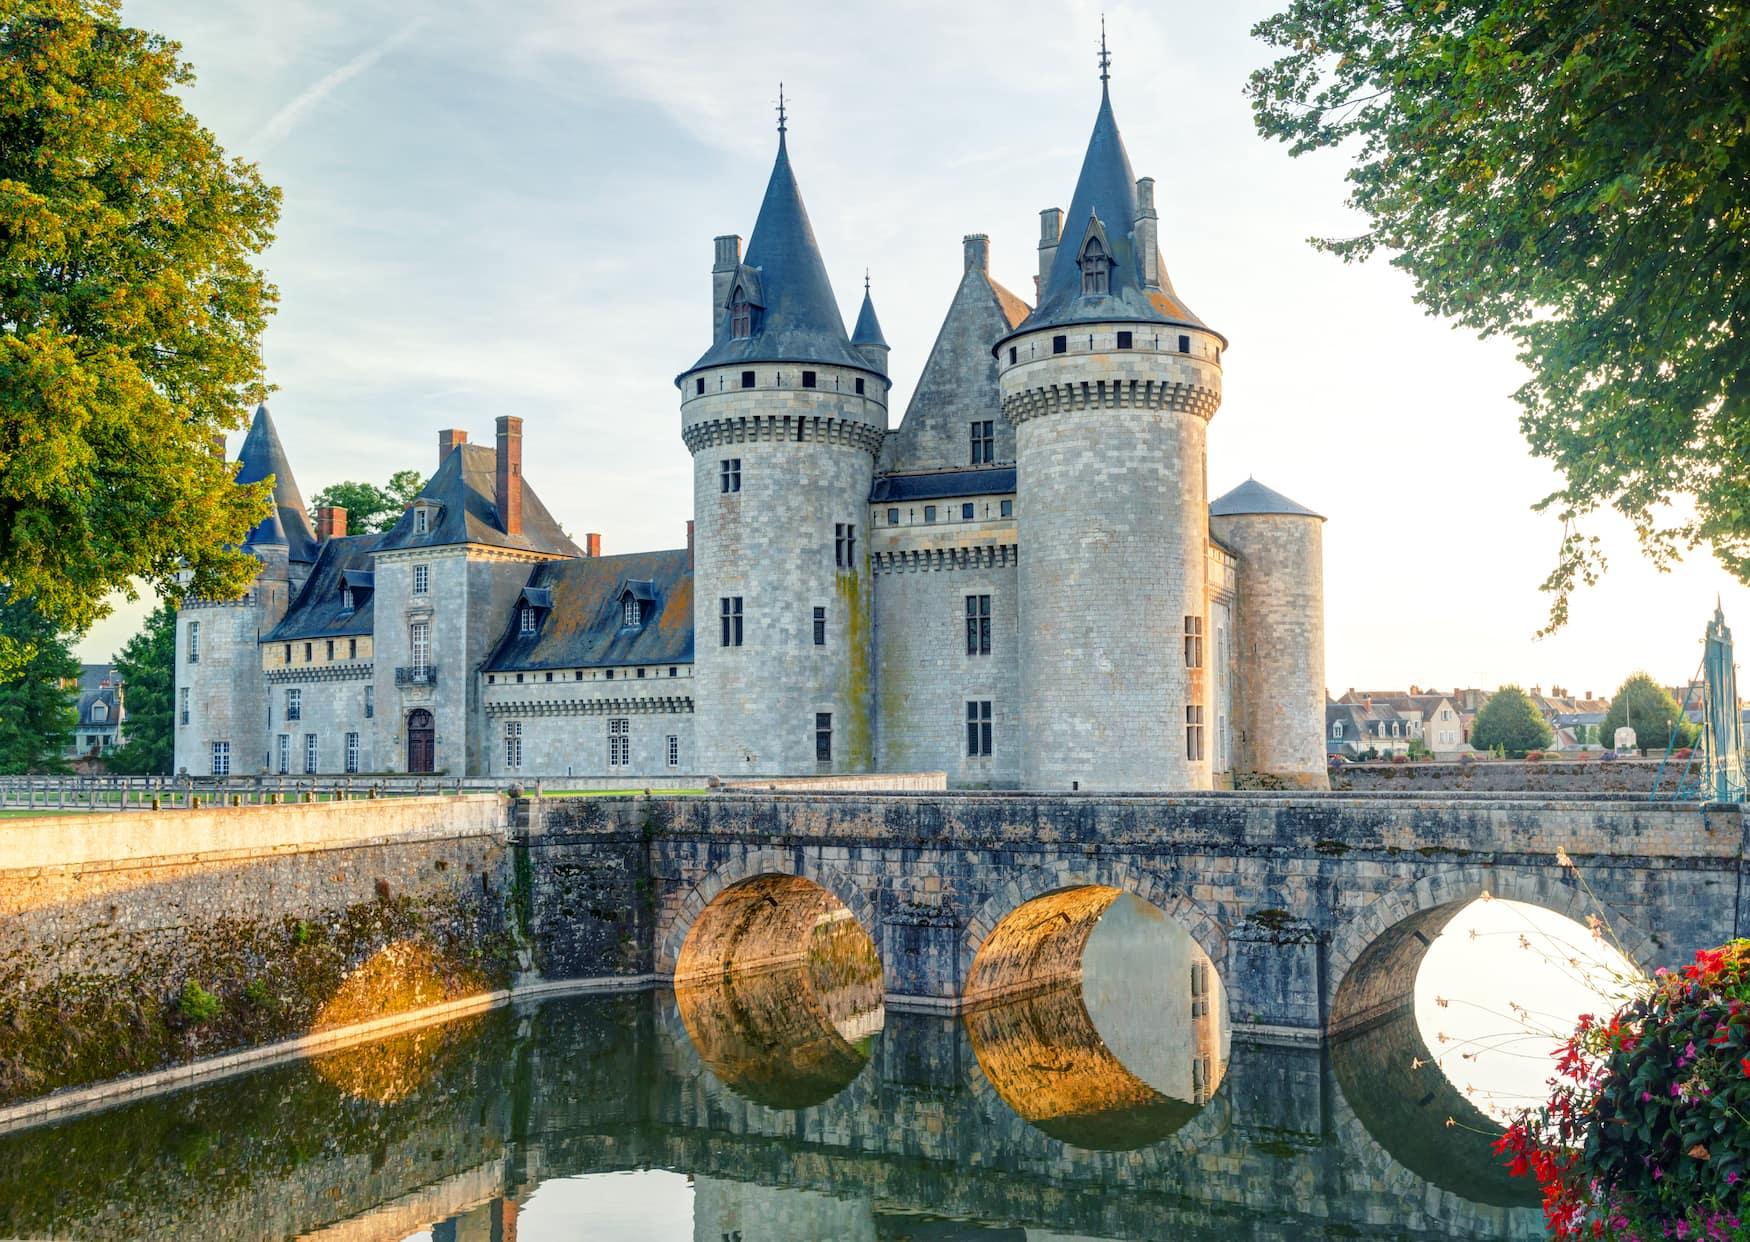 Mittelalterliches Schloss Sully in Frankreich